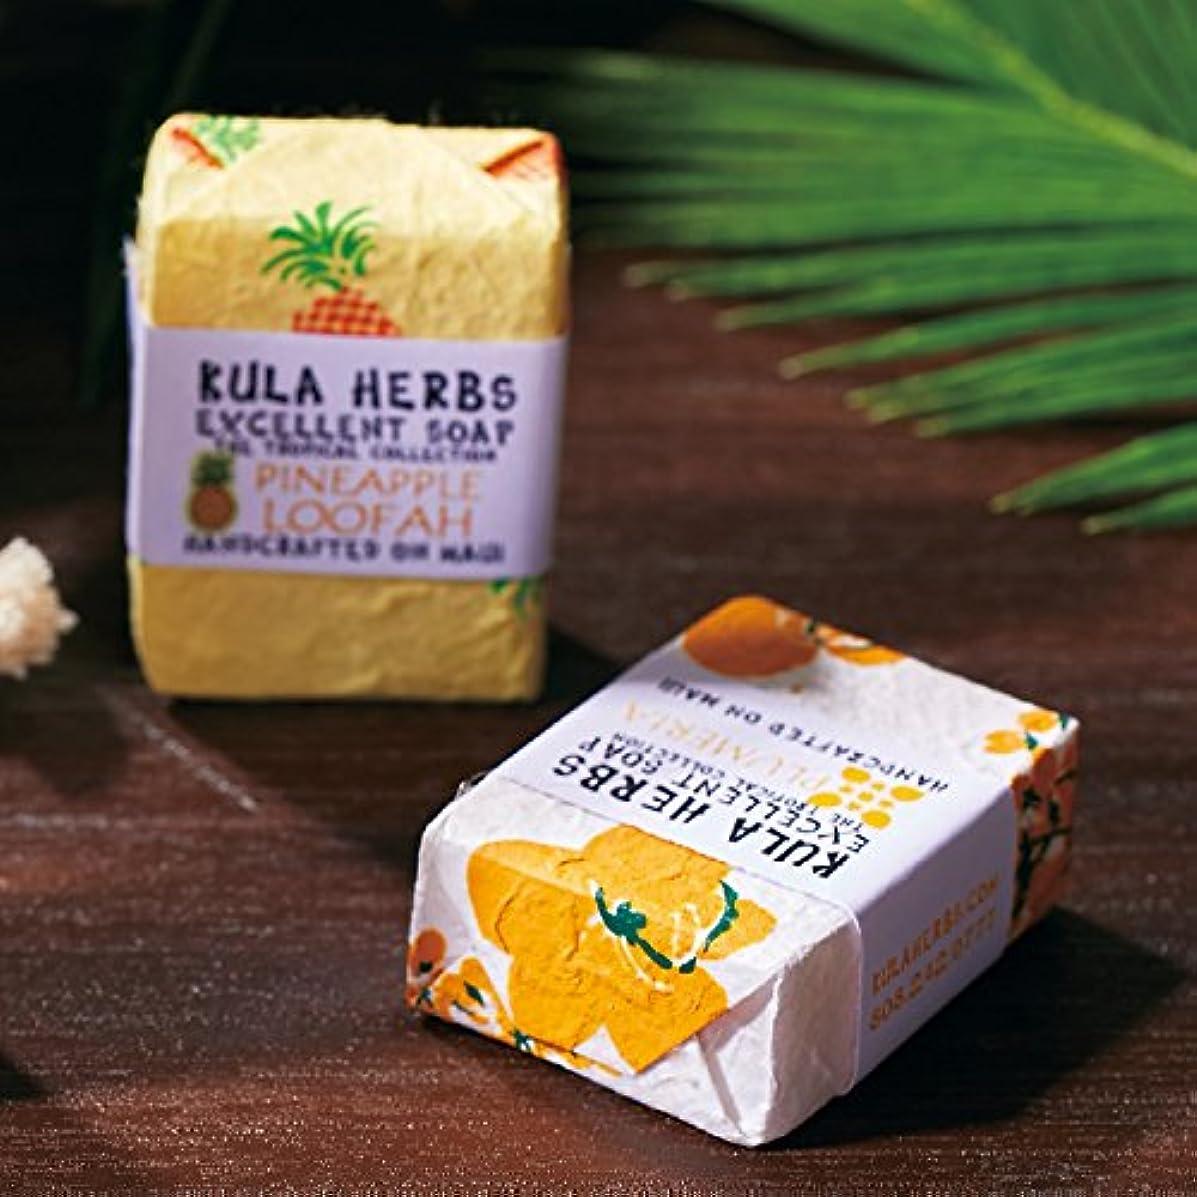 ハードリング敬メドレーハワイ 土産 クラハーブス ソープ 2種4コセット(ミニミニポーチ付) (海外旅行 ハワイ お土産)